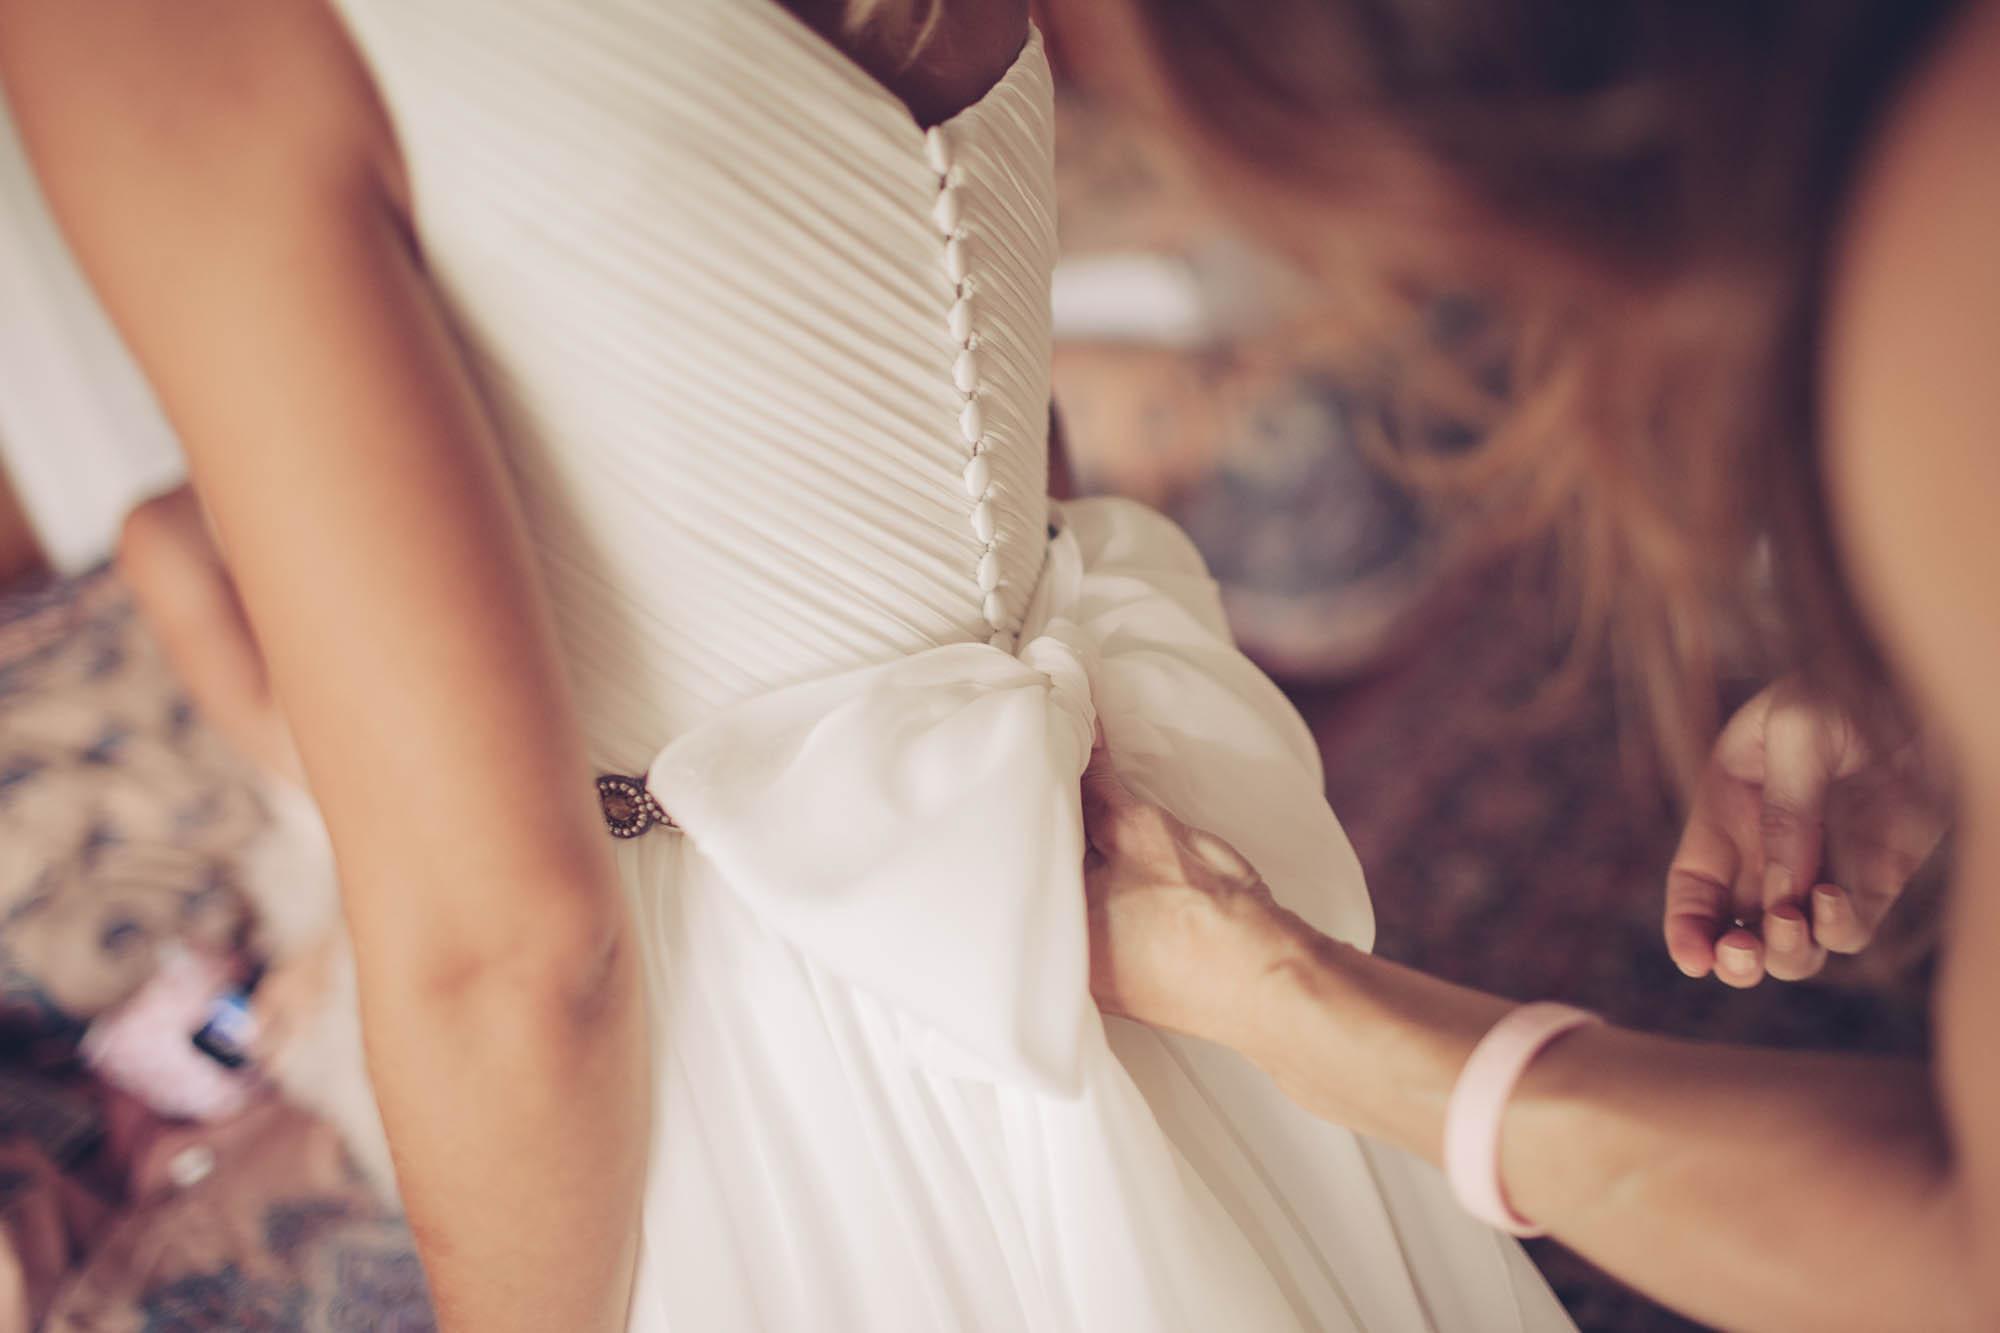 La amiga arregla el lazo de la espalda del vestido